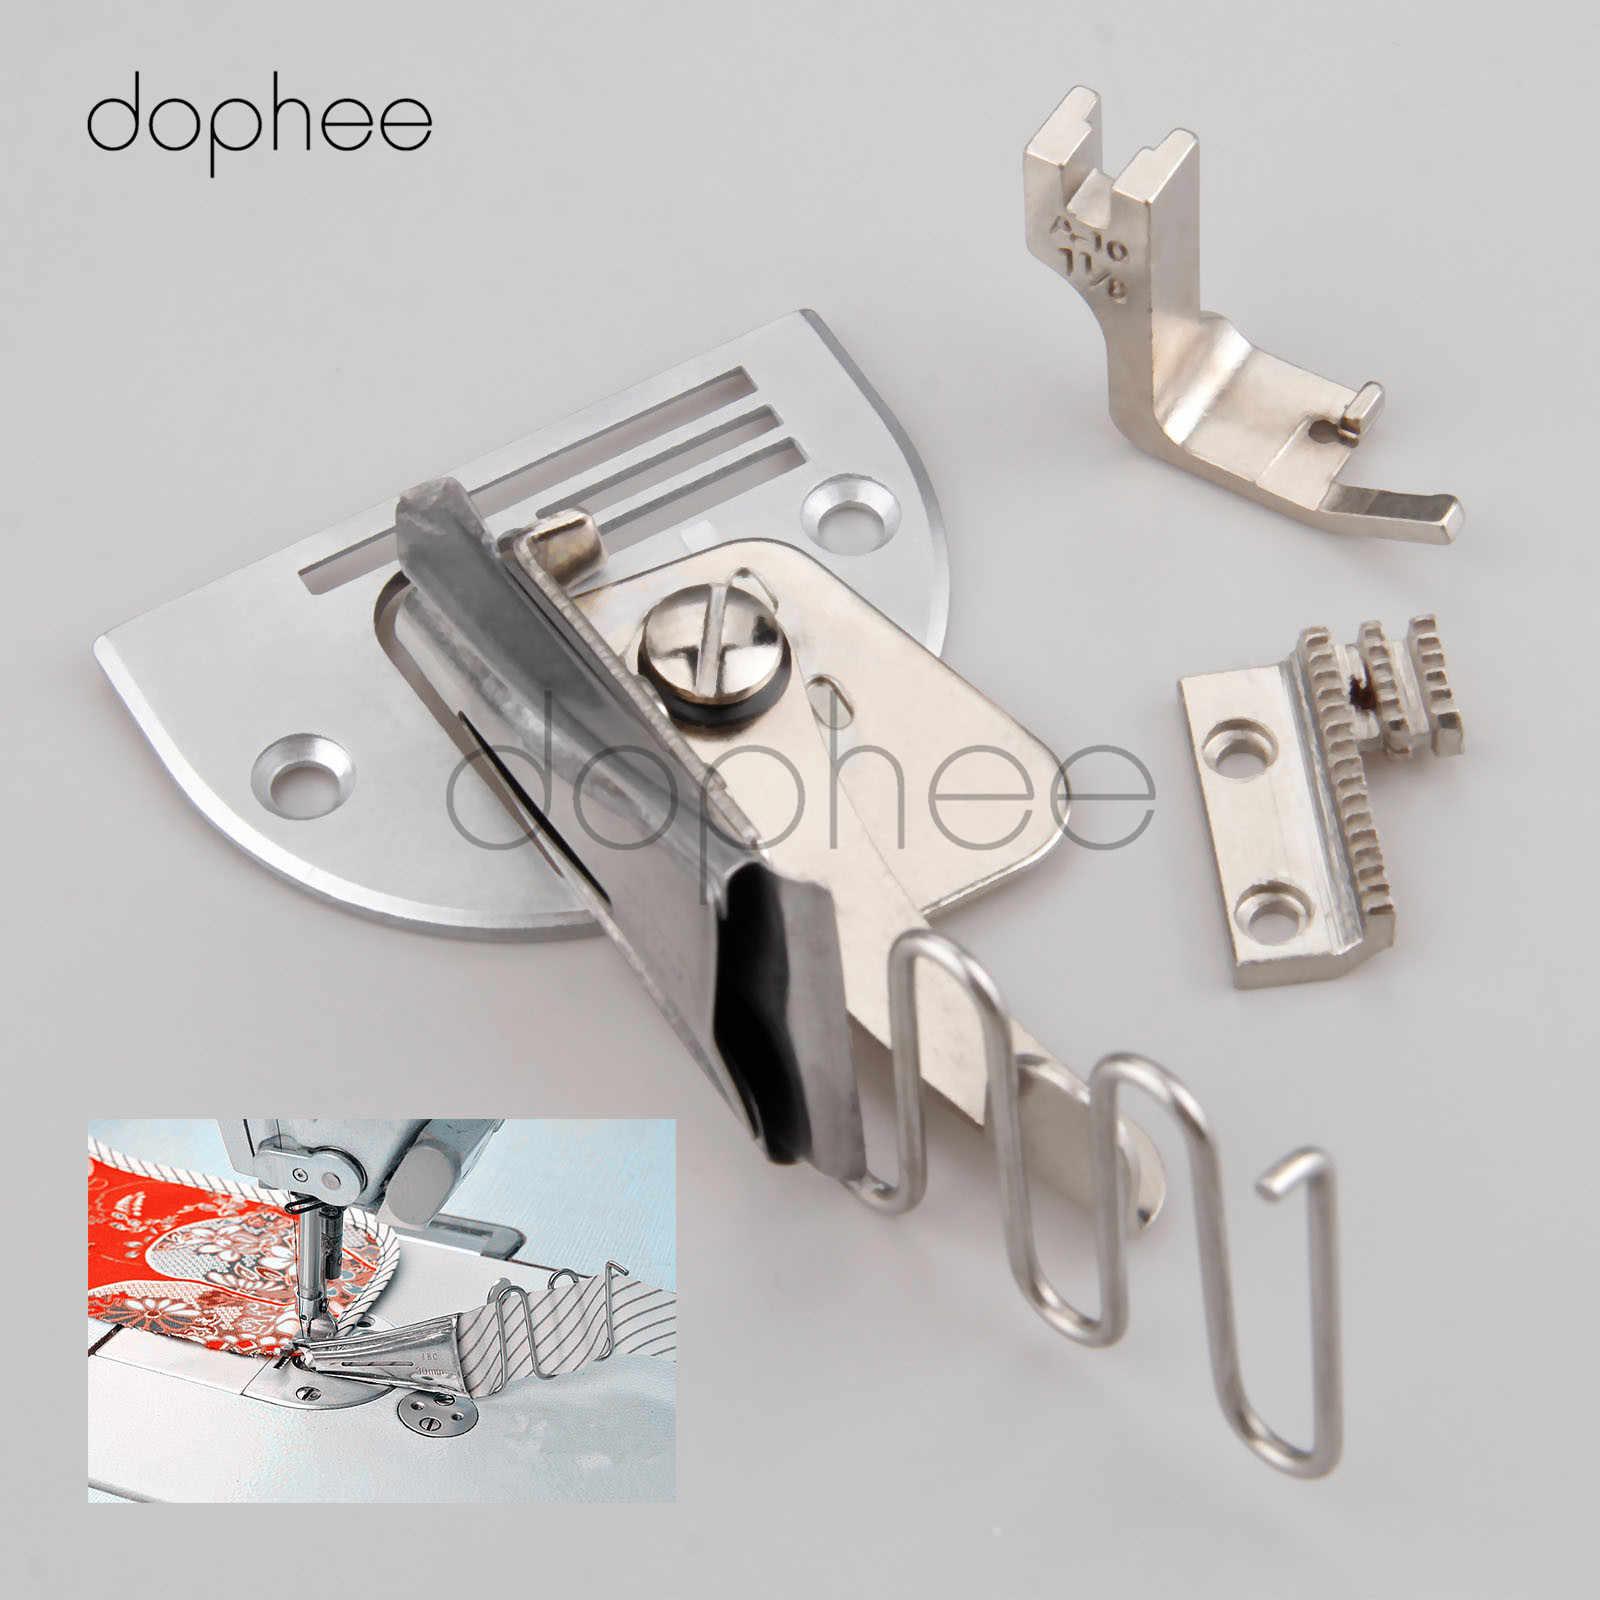 Ailyoo Reliure /à Angle Double Pliage Machine /à Coudre Surjet de Reliure Ruban de Pliage de Bord Formateur de Ruban de Biais pour la Reliure de Reliure /à la Machine du Bord de la Courbe